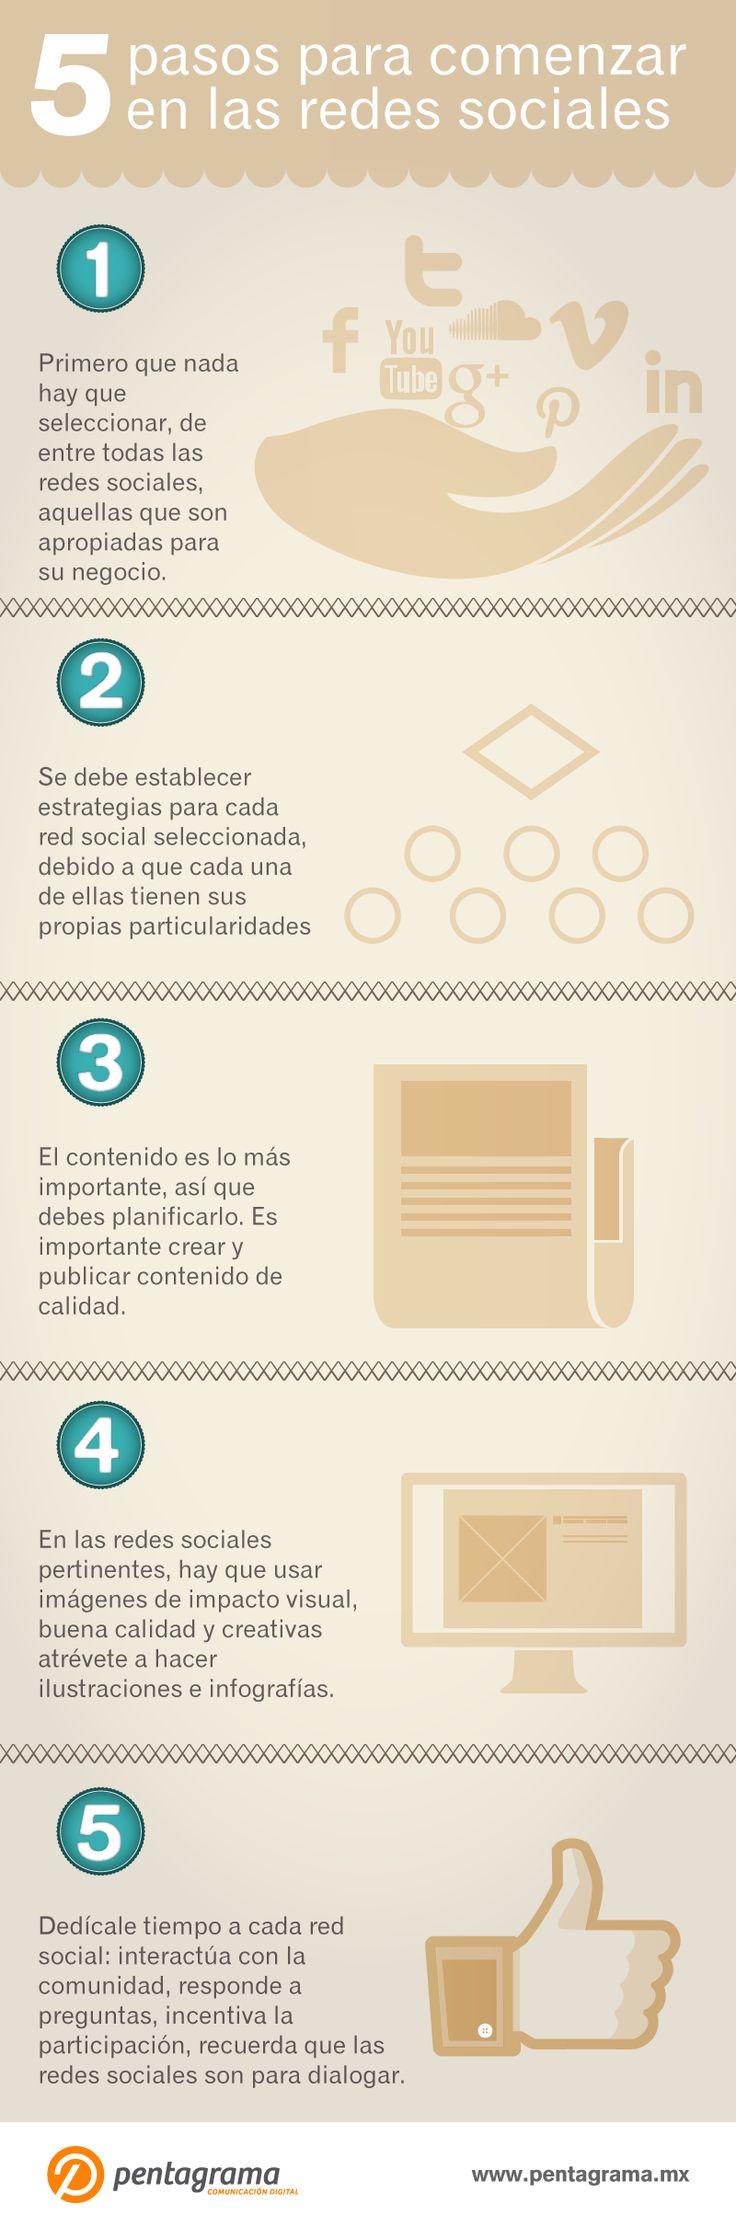 Infórmate de los Cursos: http://www.prixline.wordpress.com/contacto #prixline #Curso #Aprender #RedesSociales #Internet #AyudaExperta #AlertasEmpleo  #AlertasTrabajo